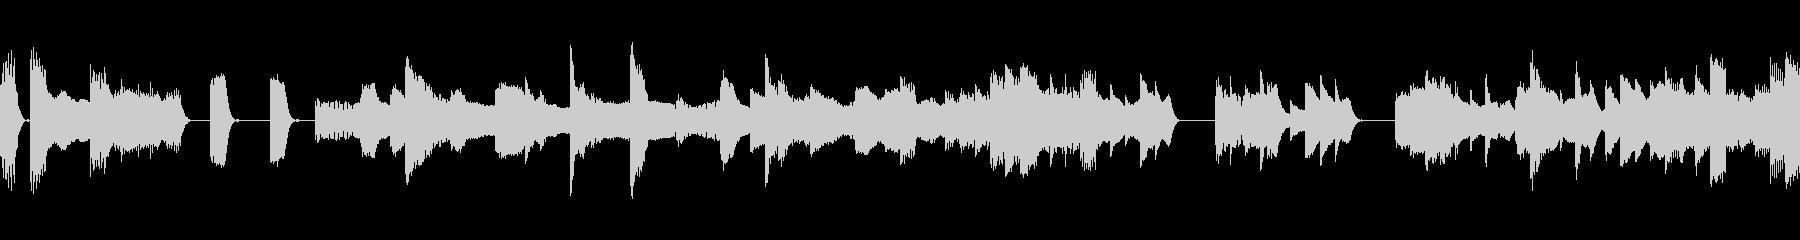 シンプル ブギーピアノ お料理 レビューの未再生の波形